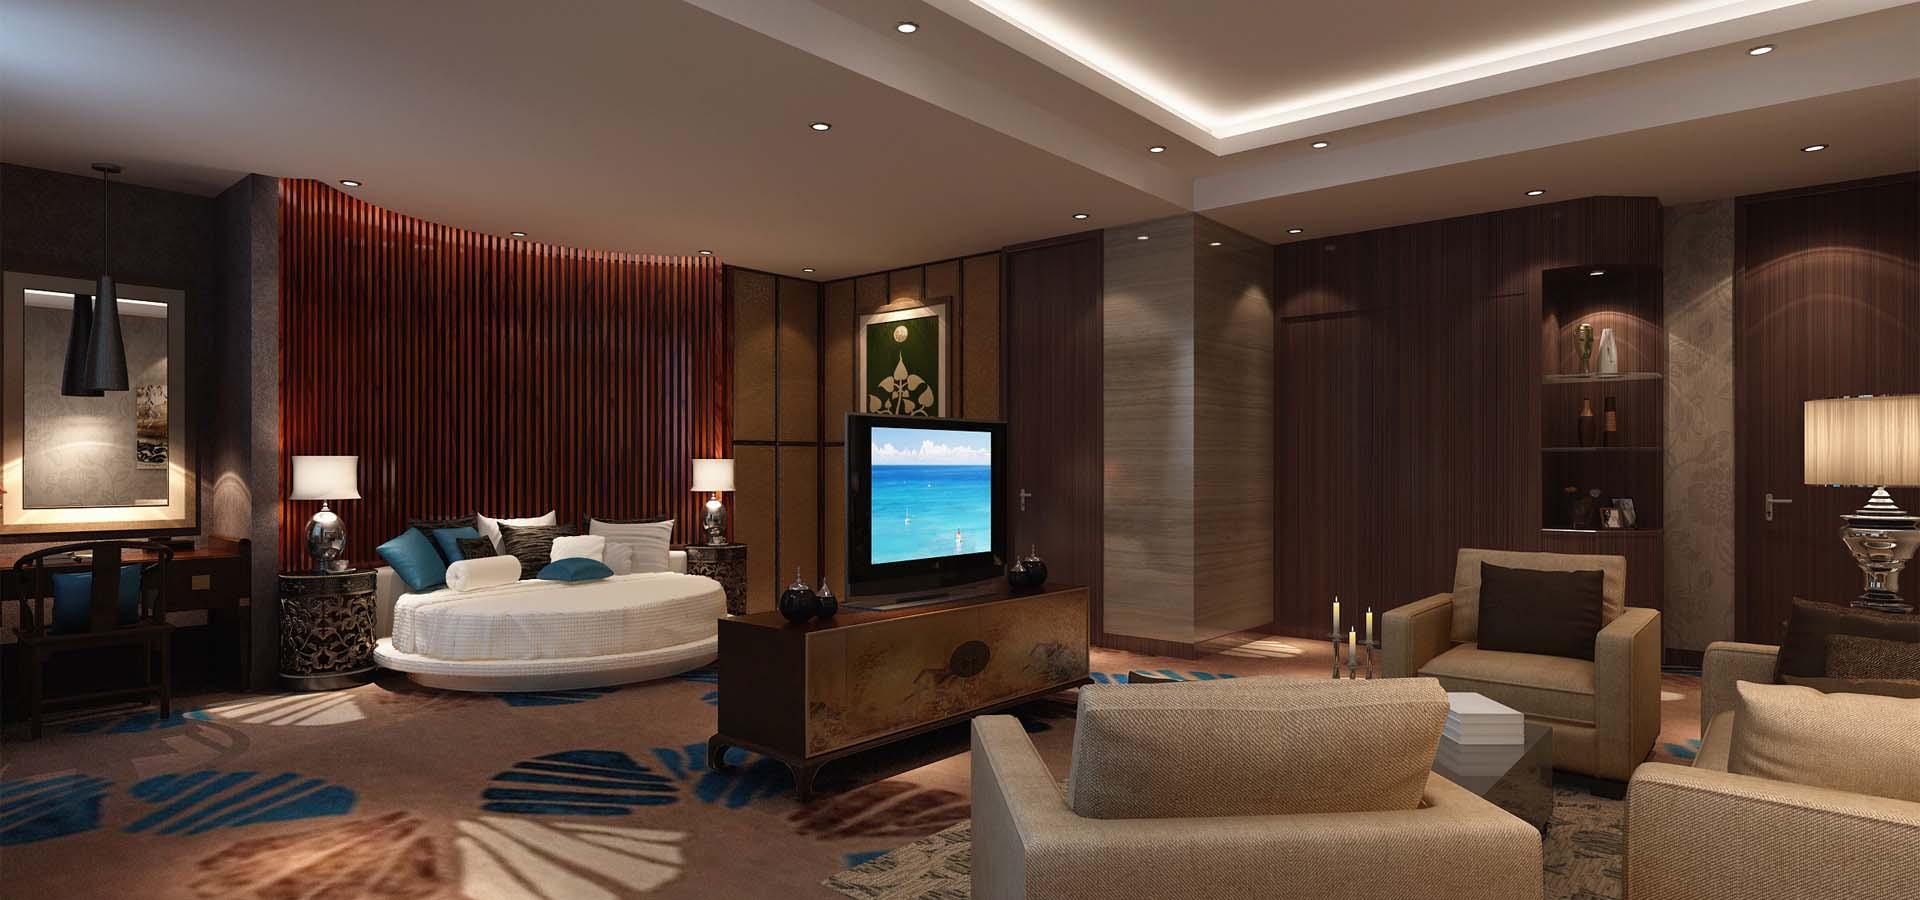 鸿钰幻维酒店设计